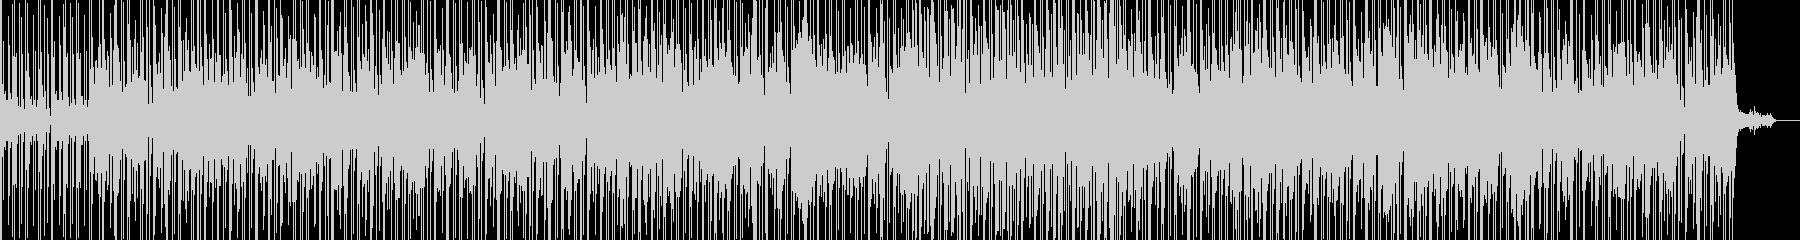 軽快なサンバのリズムと切なさの未再生の波形